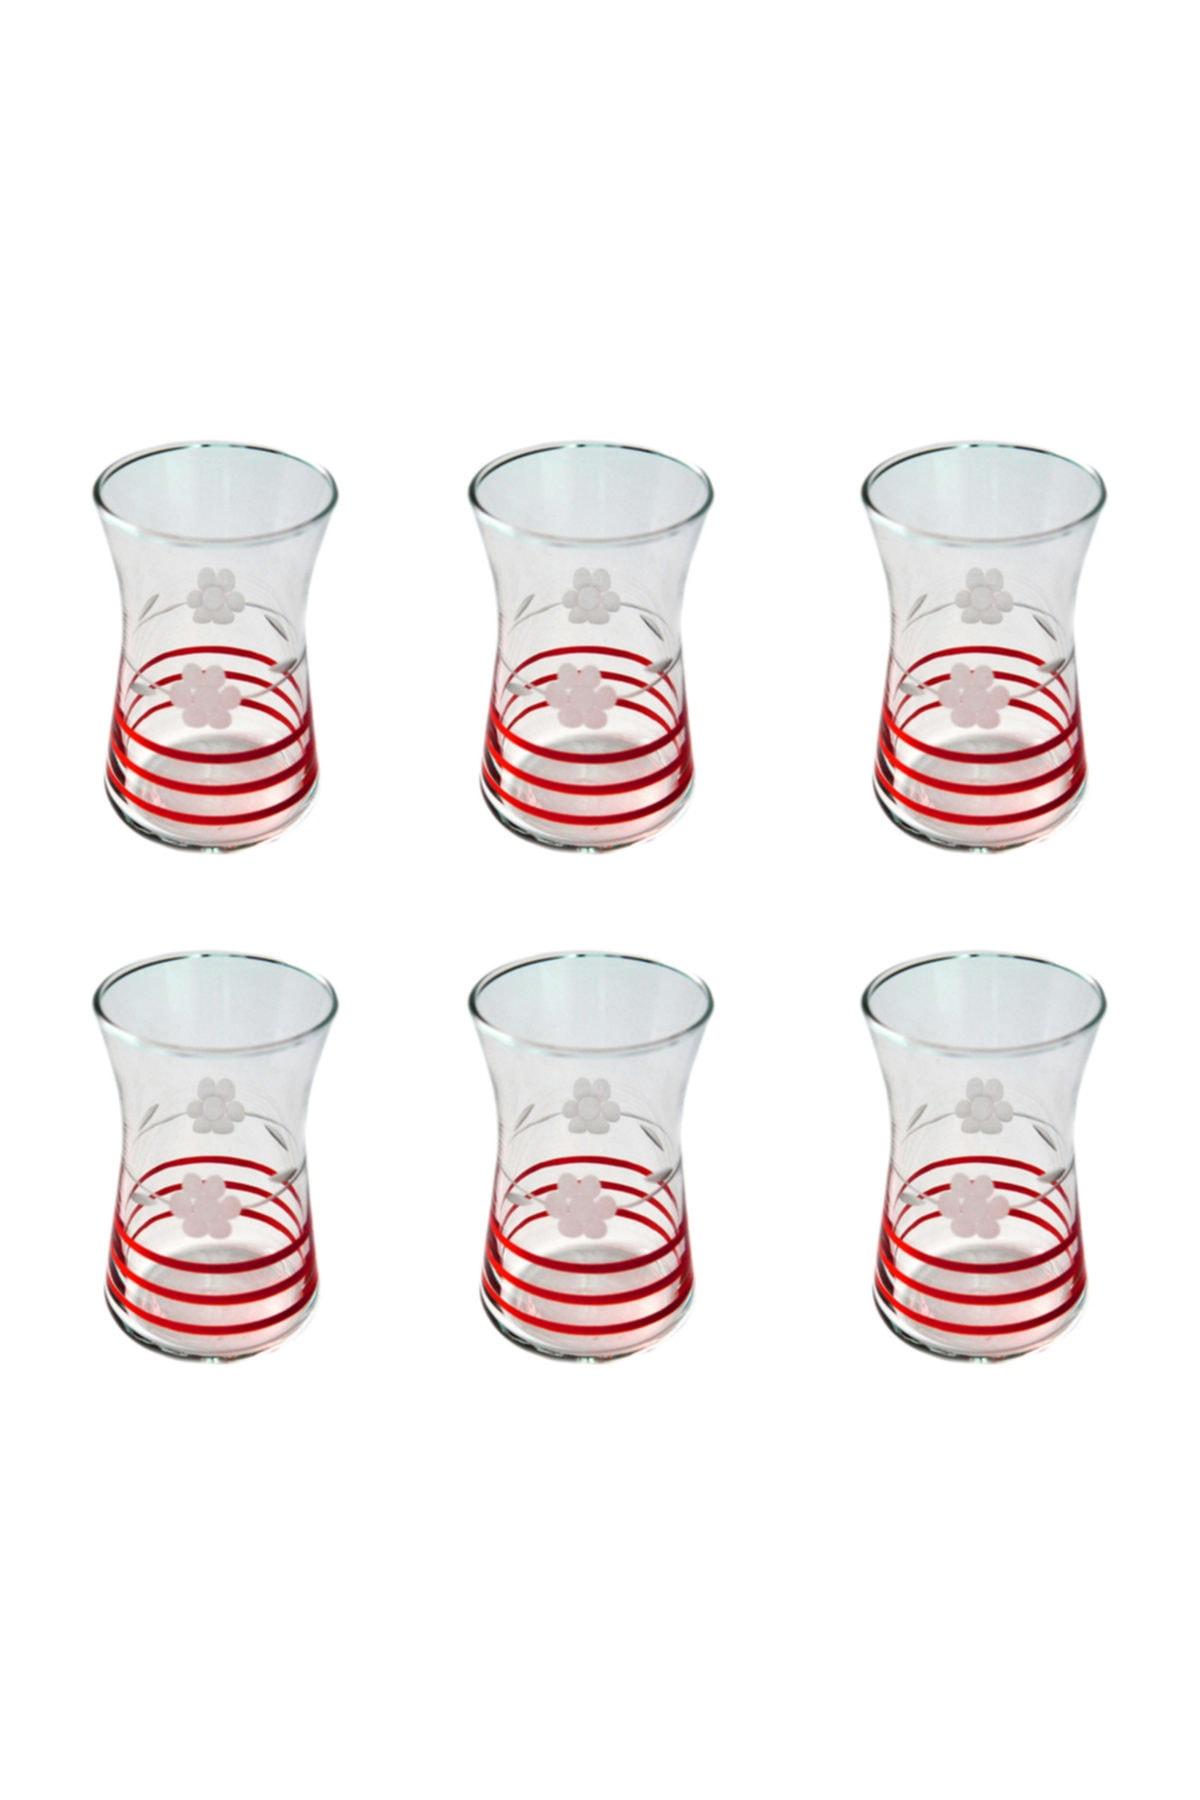 BAŞAK 42361 Heybeli Papatya (kırmızı) Dekor 6 Adet Çay Bardağı 1